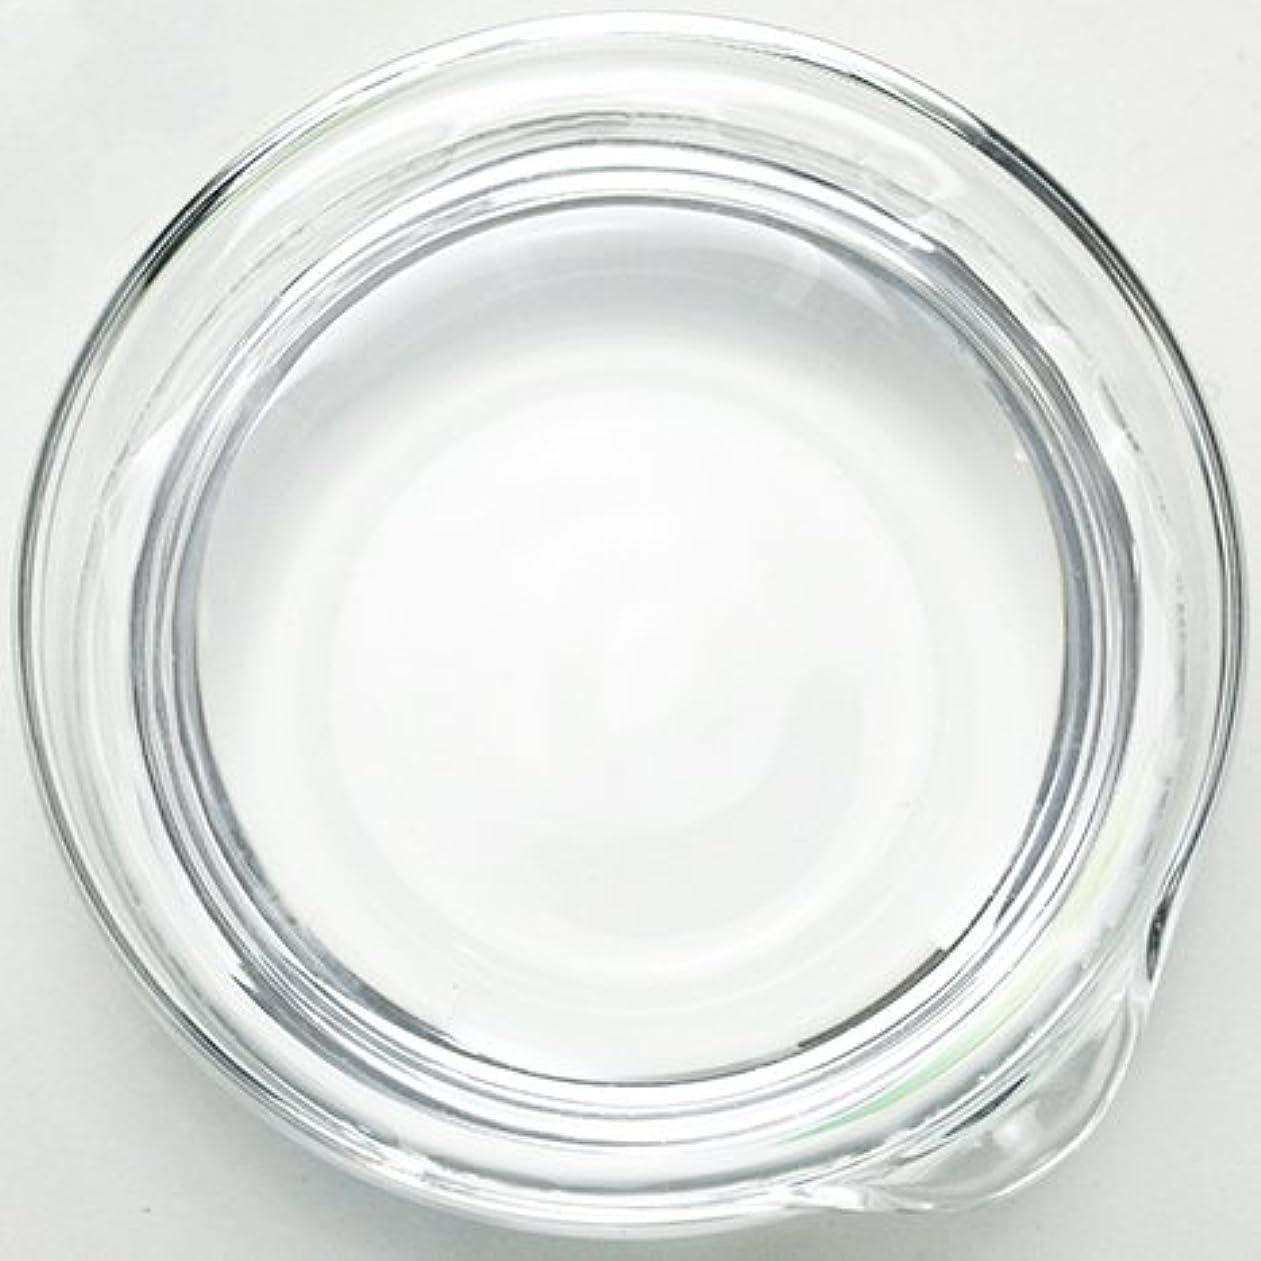 ジャンプする調停するバター濃グリセリン[植物性] 100ml 【手作り石鹸/手作りコスメ】